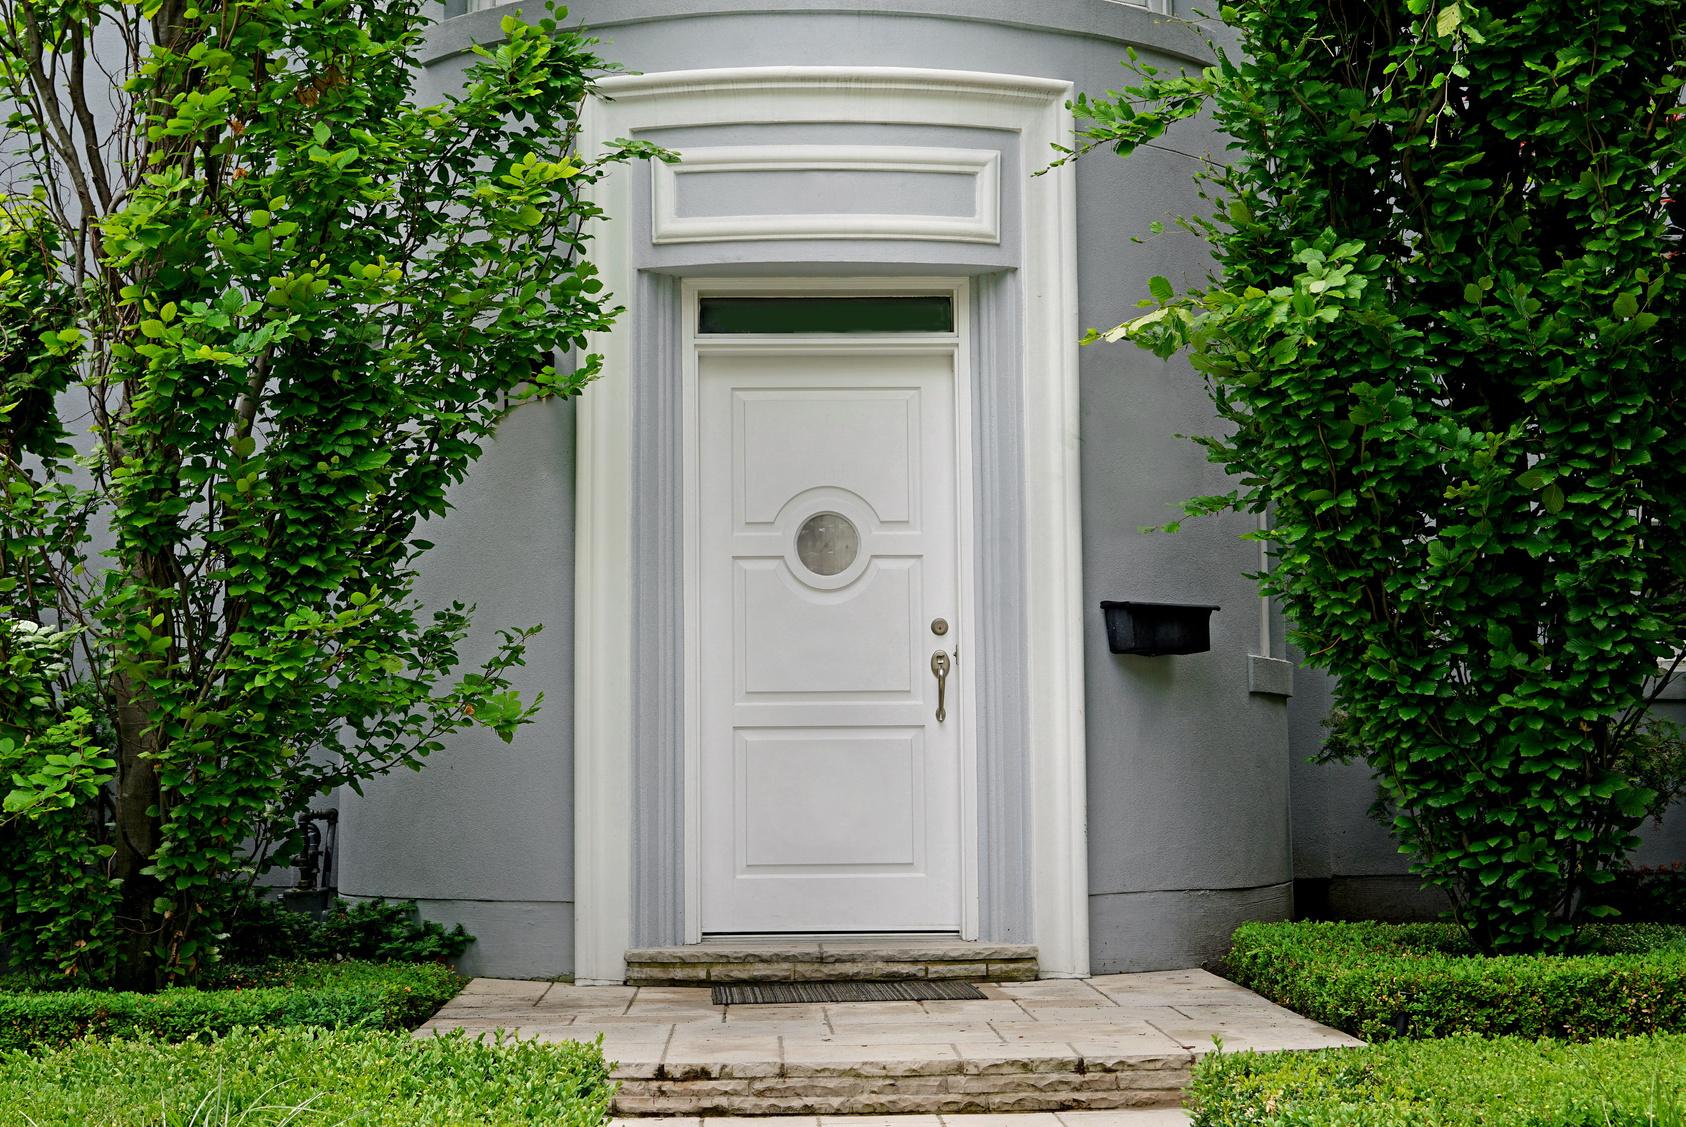 Prix d une porte d entr e et de sa pose - Devis porte d entree ...